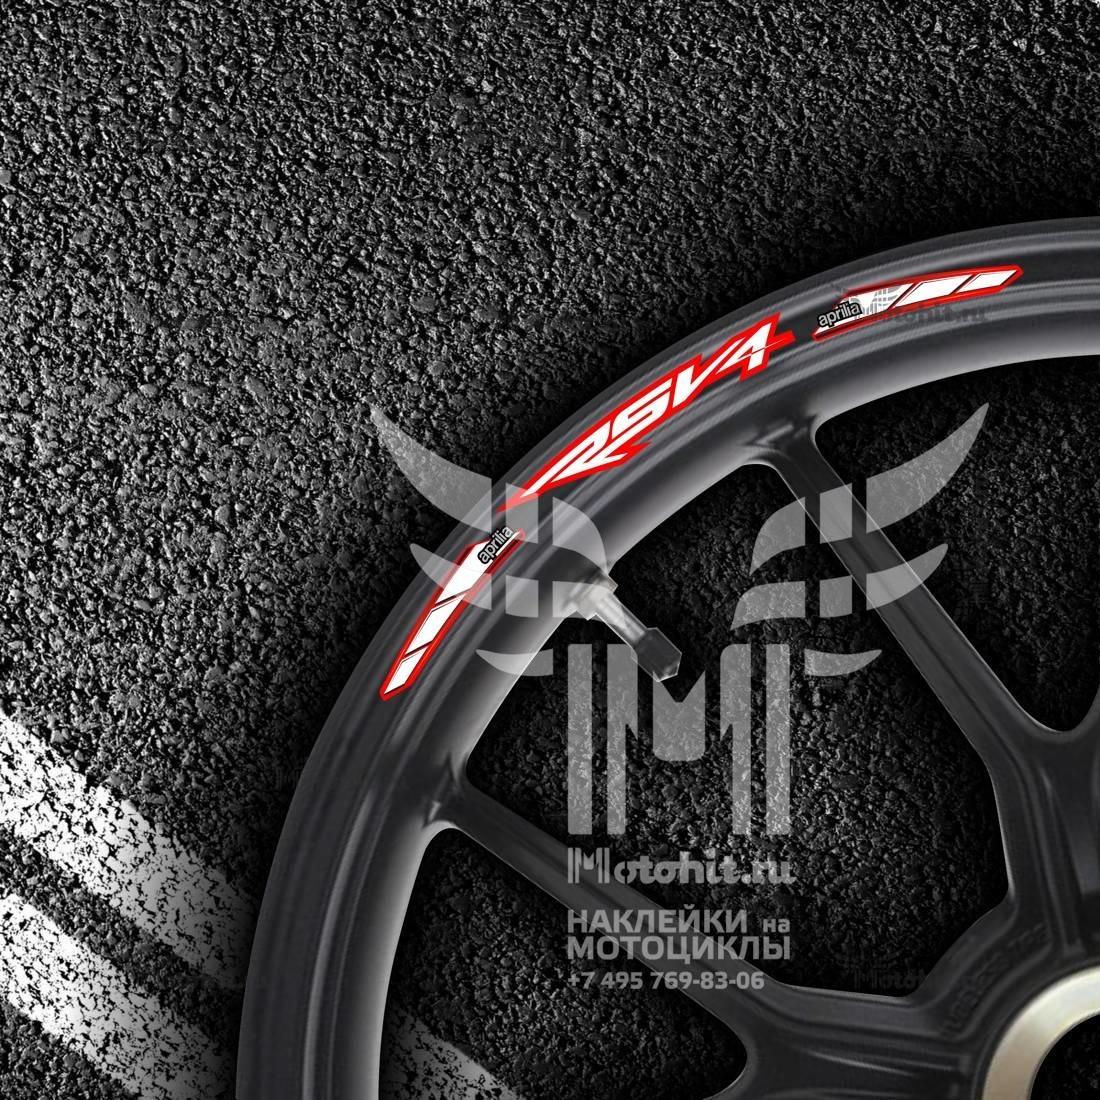 Комплект наклеек на обод колеса мотоцикла APRILIA RSV4